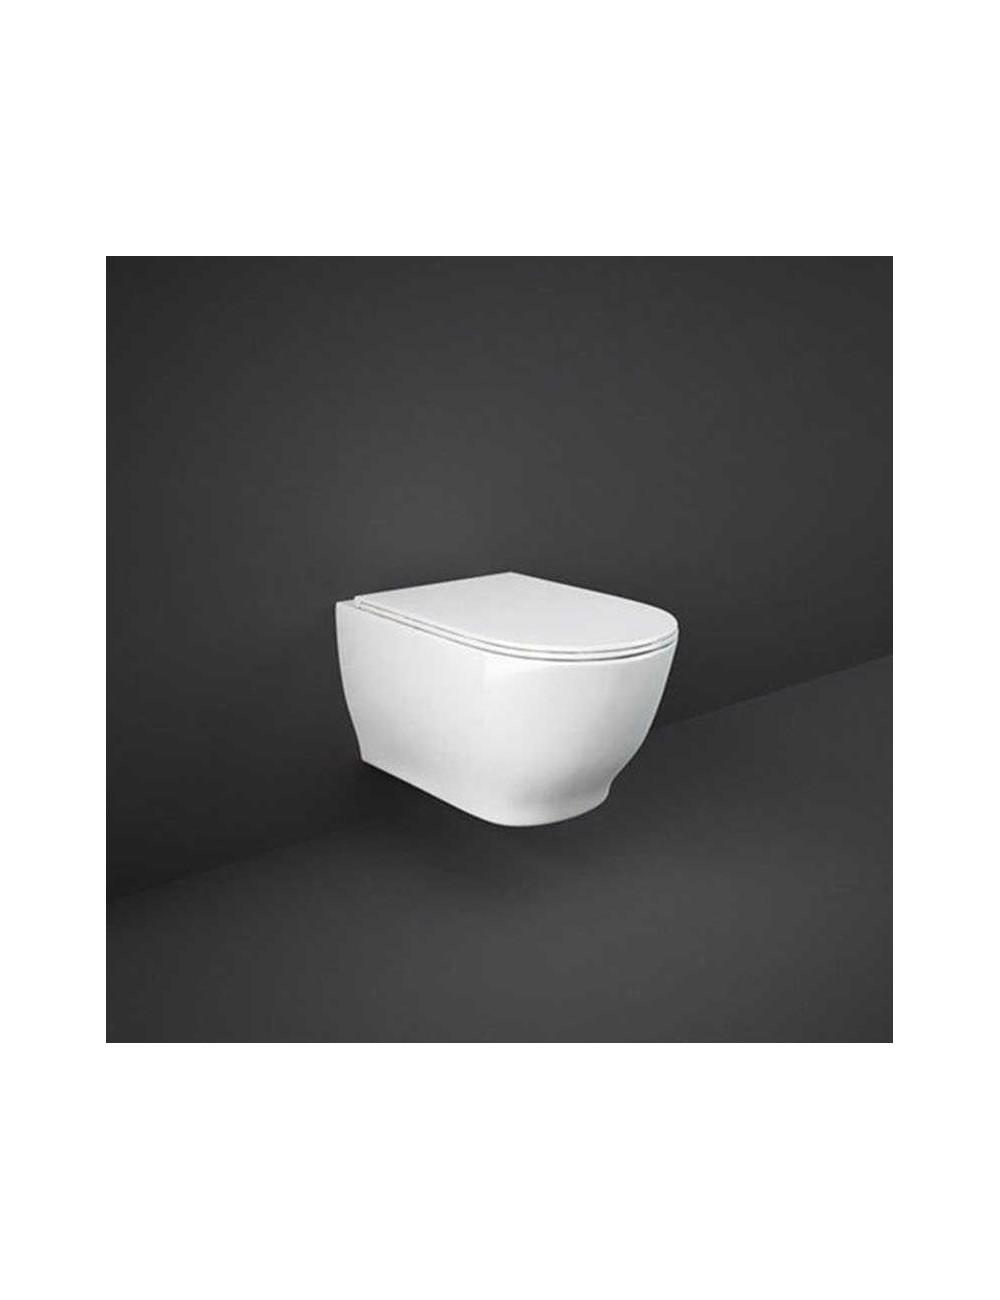 Moon wc sospeso collezione di Rak ceramics